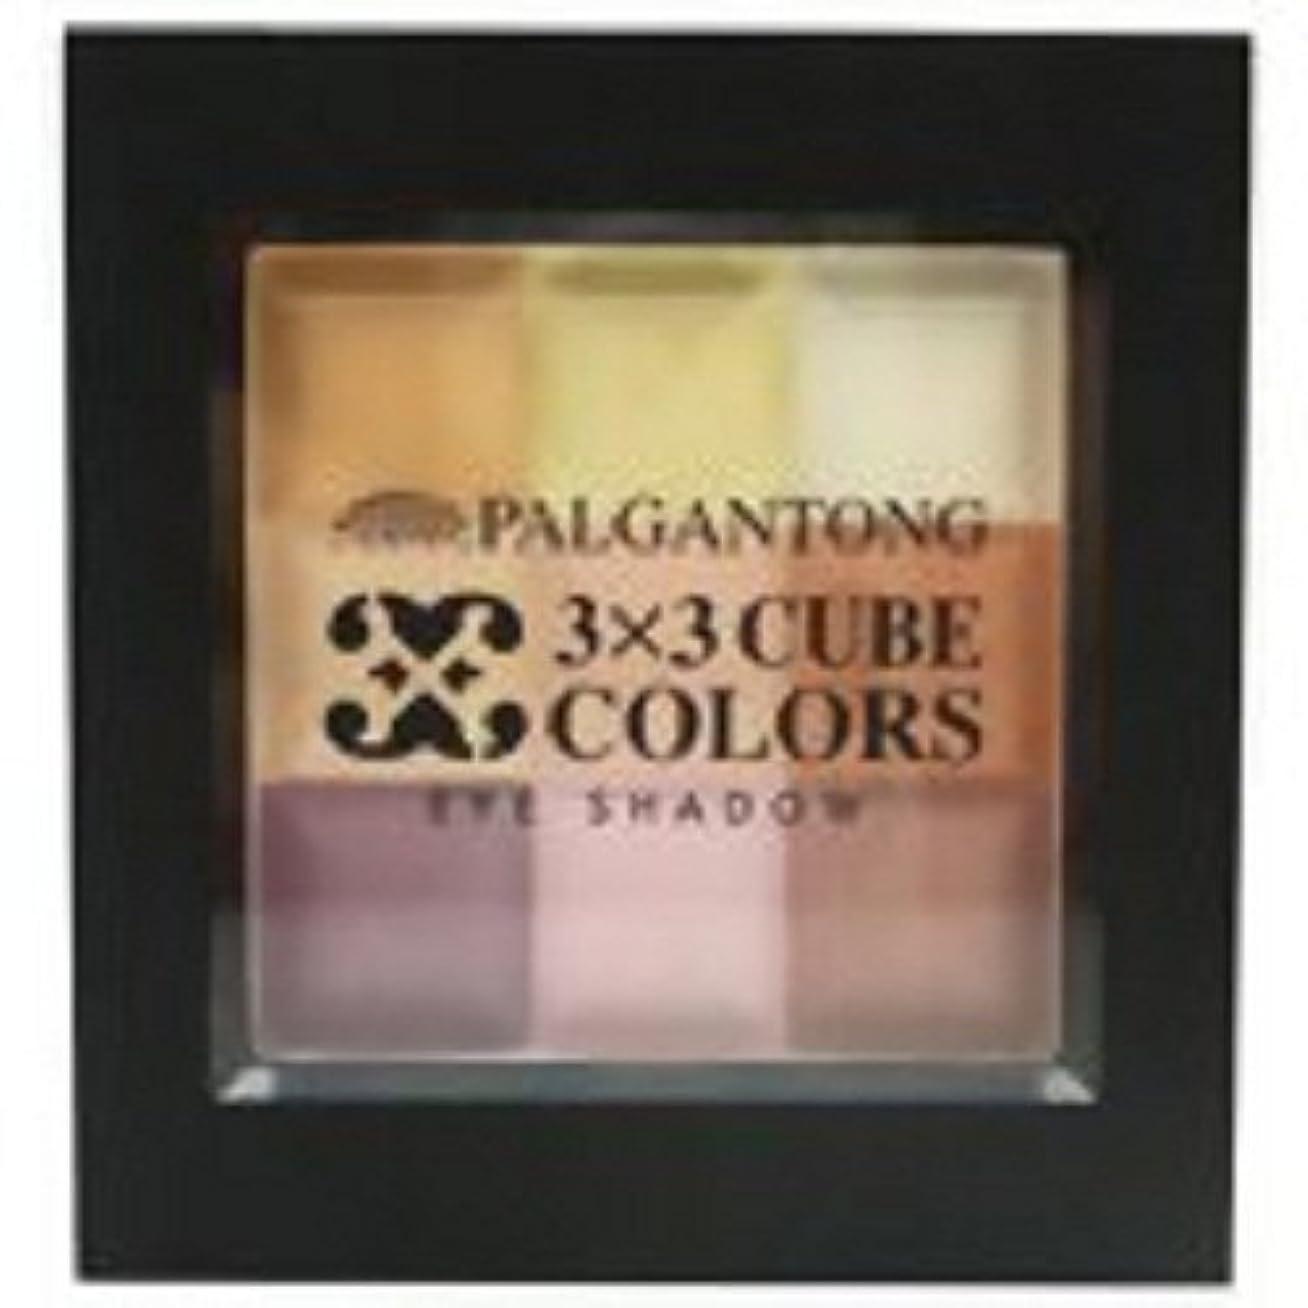 ピルファー一節一貫性のないパルガントン スリーバイスリーキューブカラーズ PY50 ピンク&イエロー